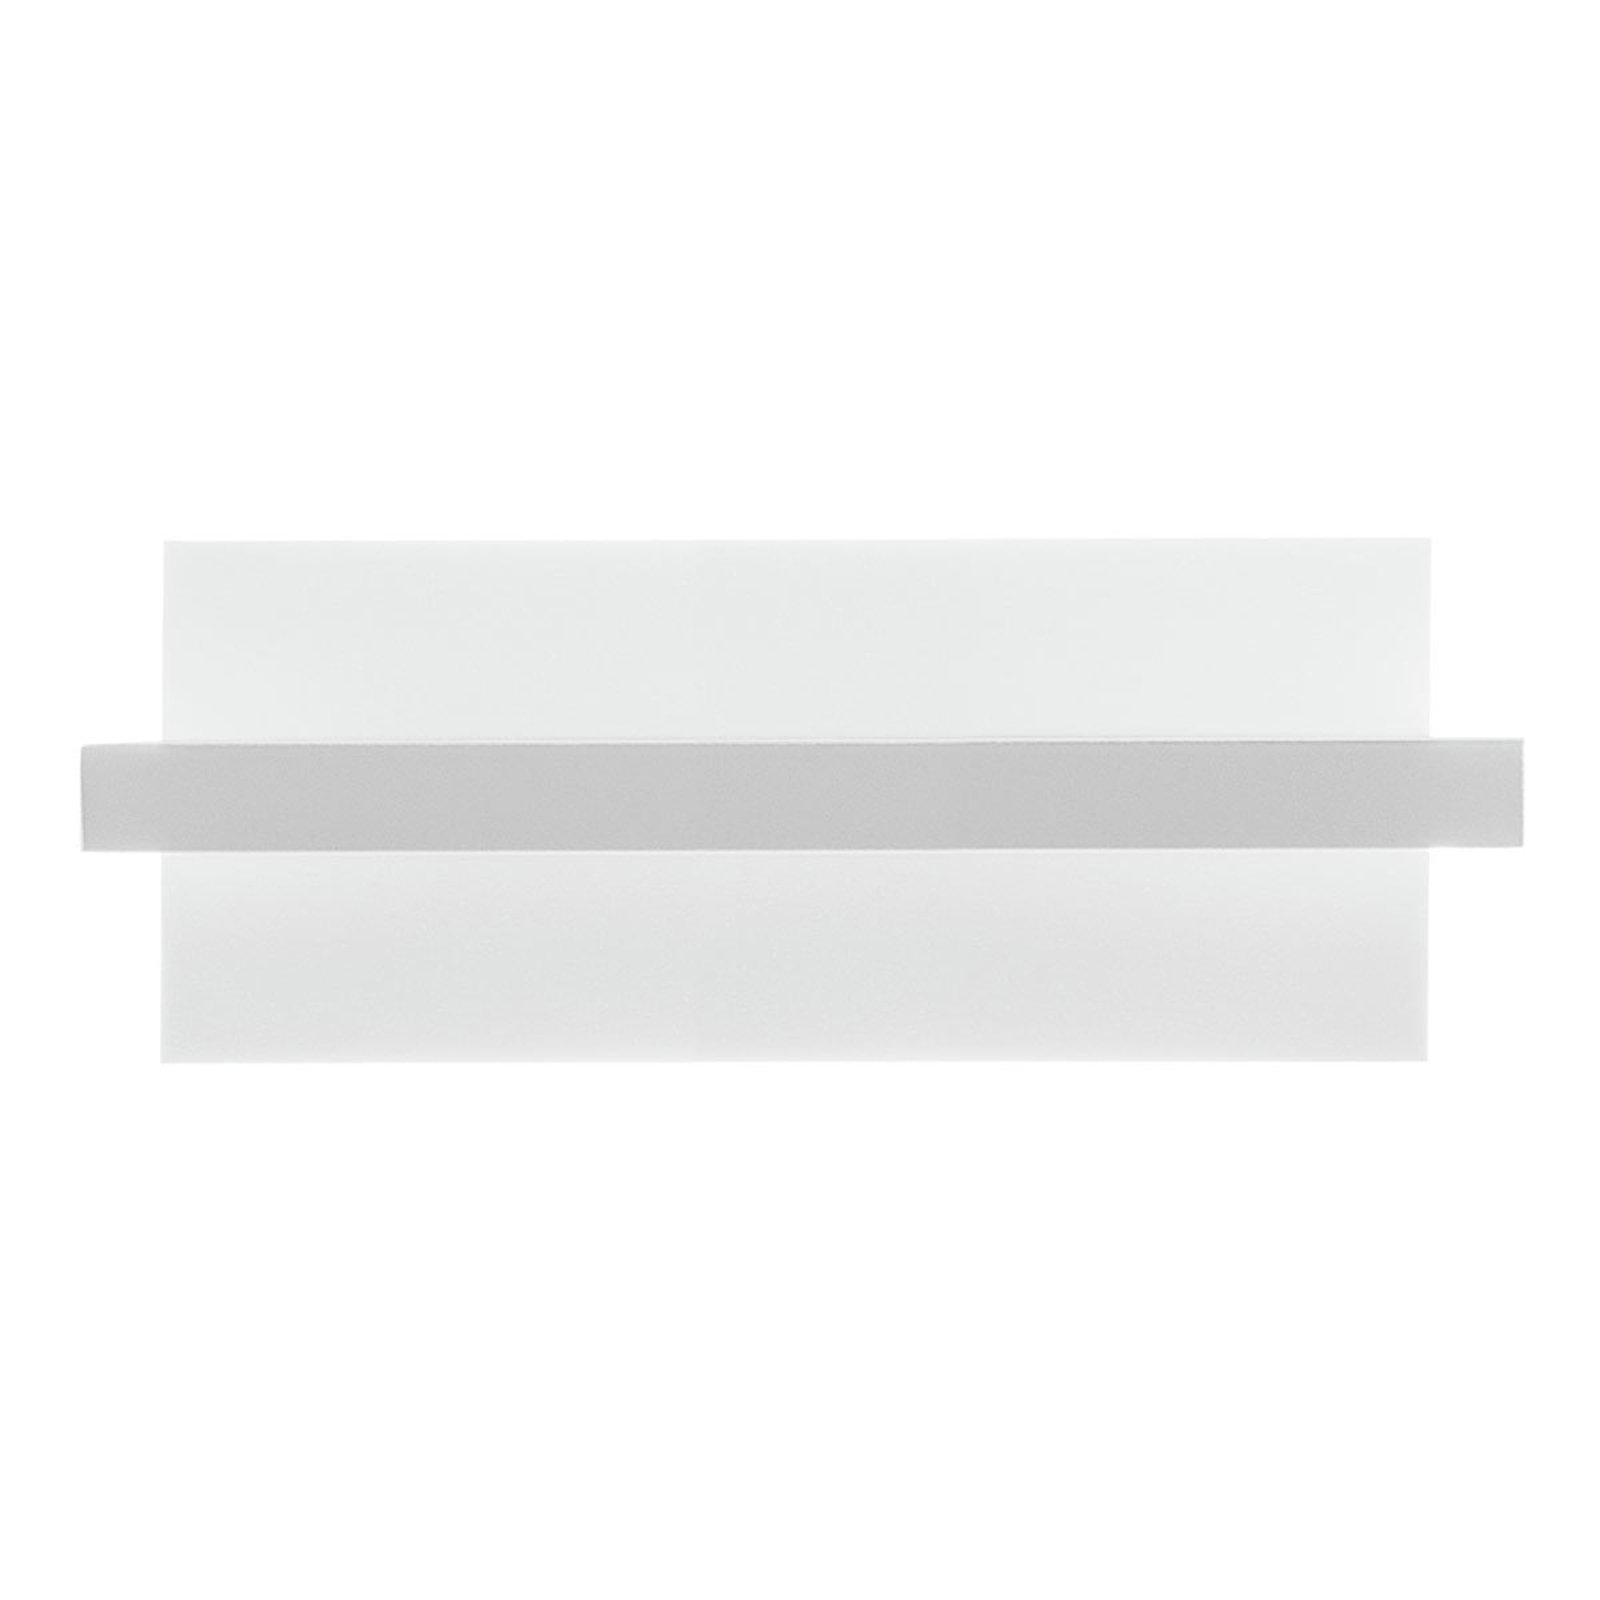 Tablet W1 LED-vegglampe, bredde 24 cm, hvit